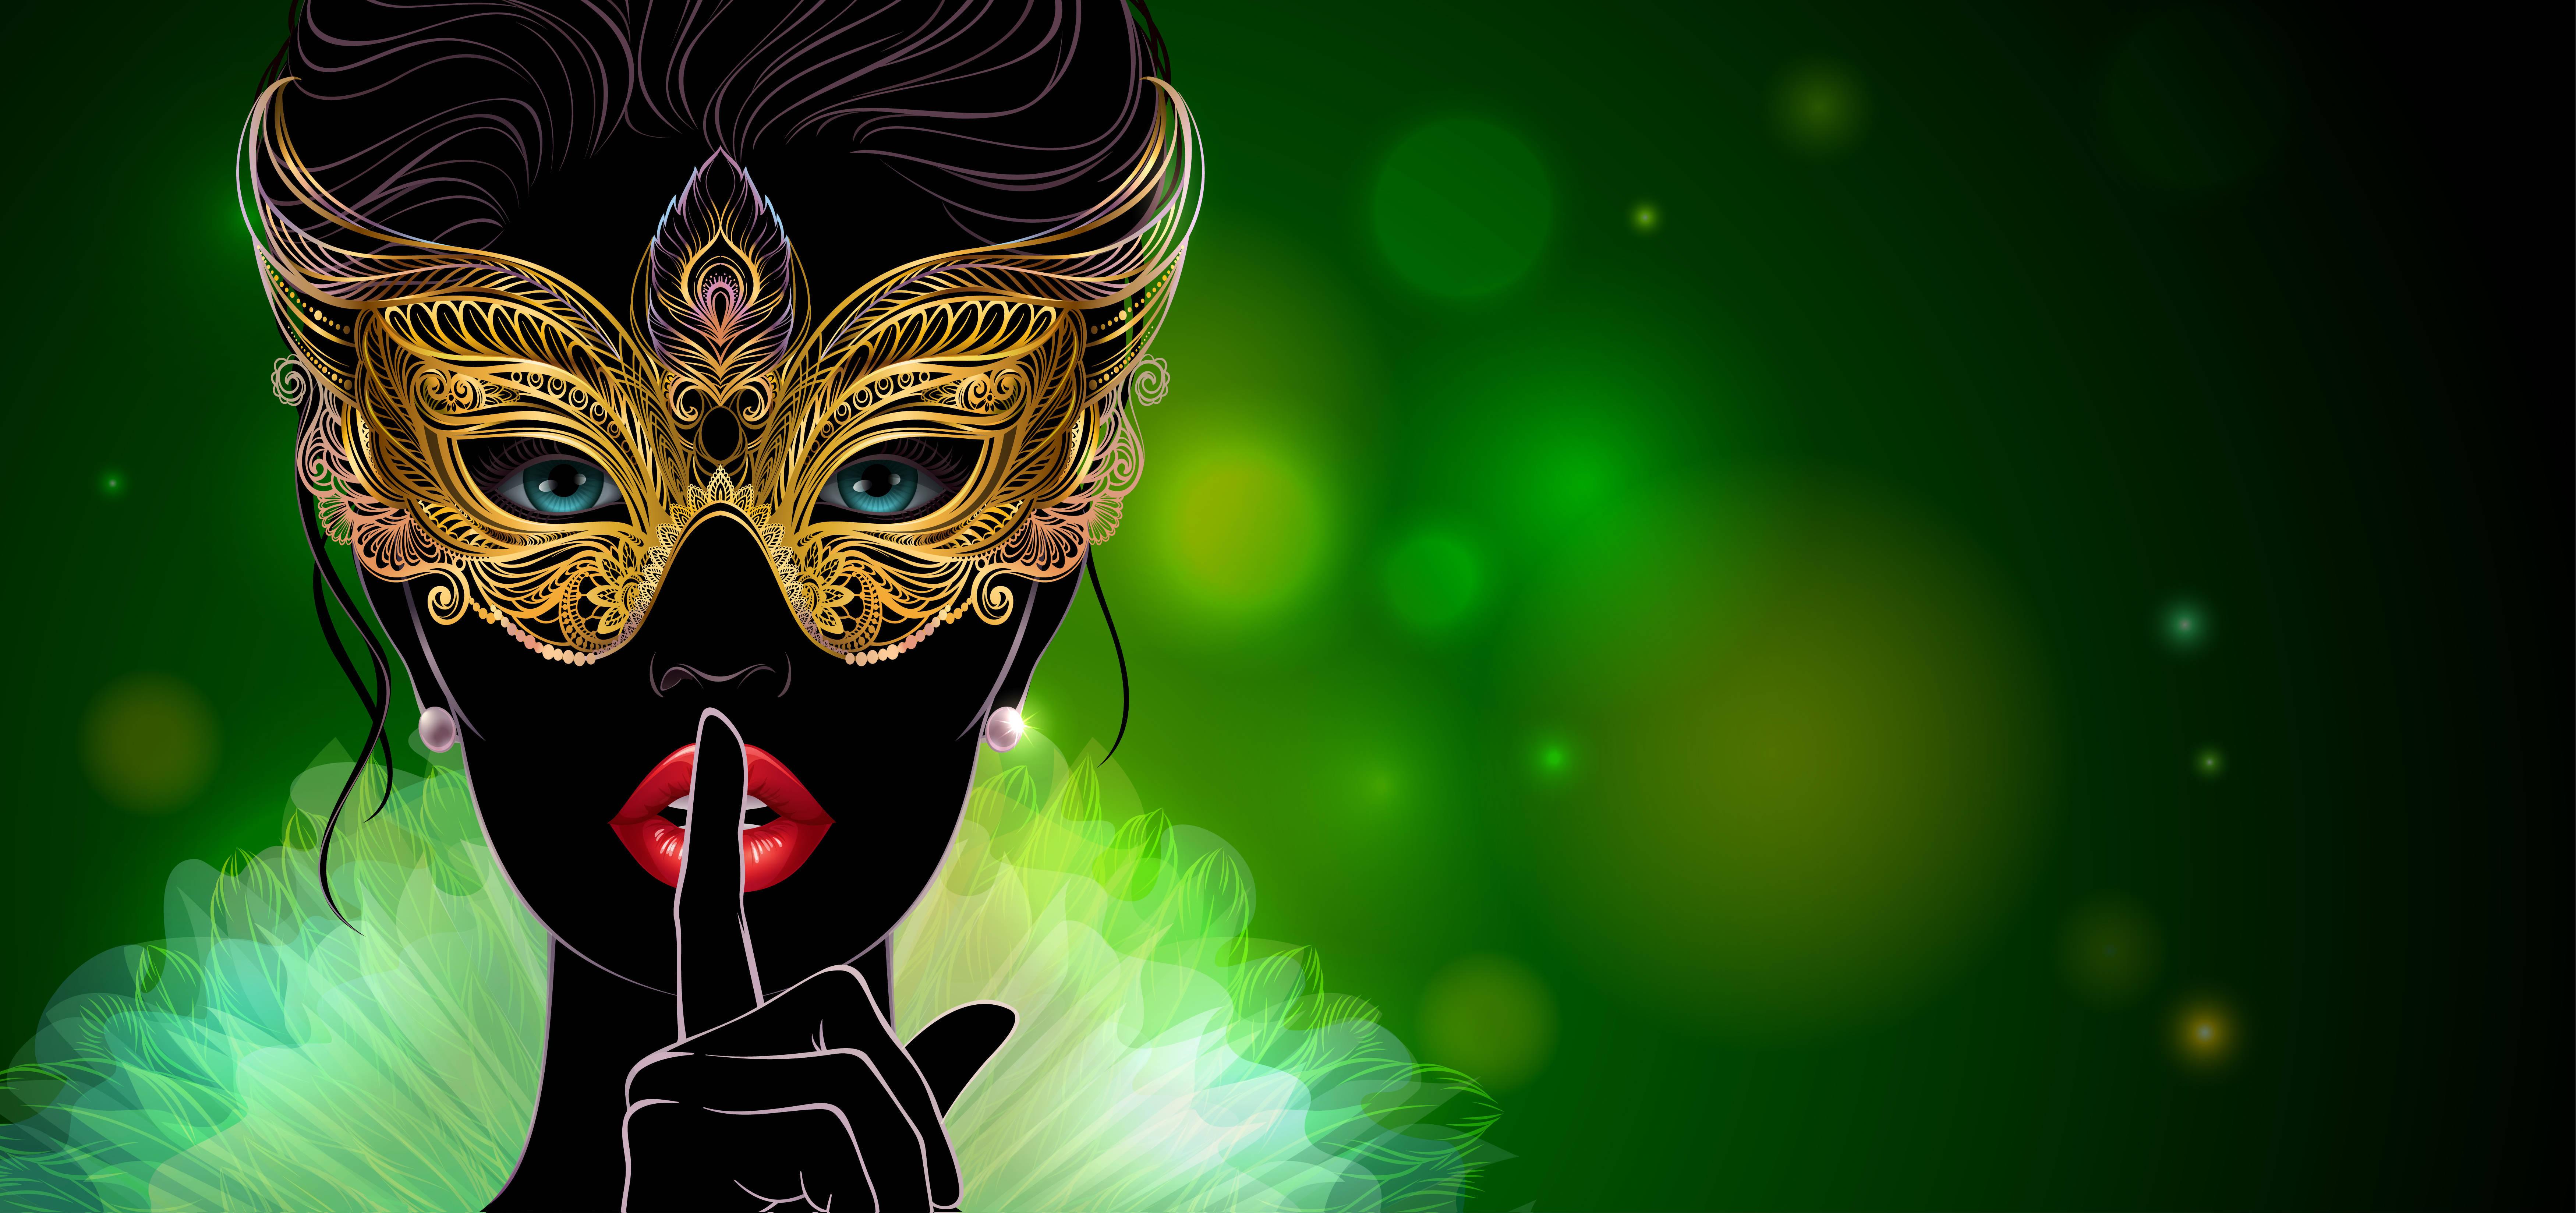 ¿Qué escondemos tras la Máscara?